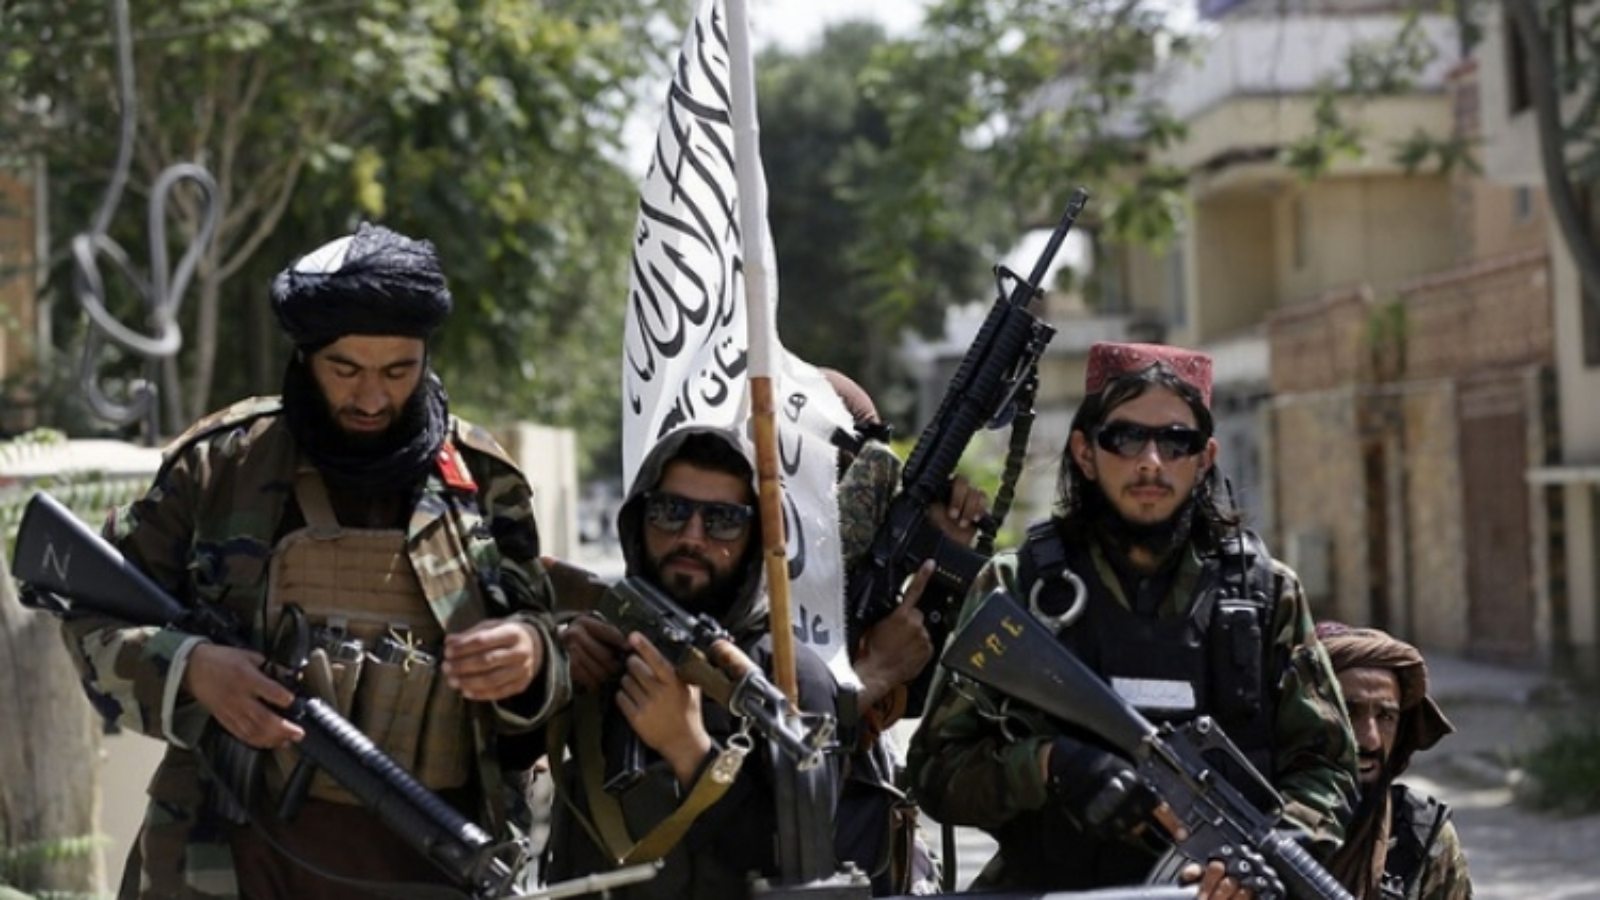 Bổ nhiệm quan chức cấp cao, chương trình hạt nhân của Taliban liệu có khả thi?